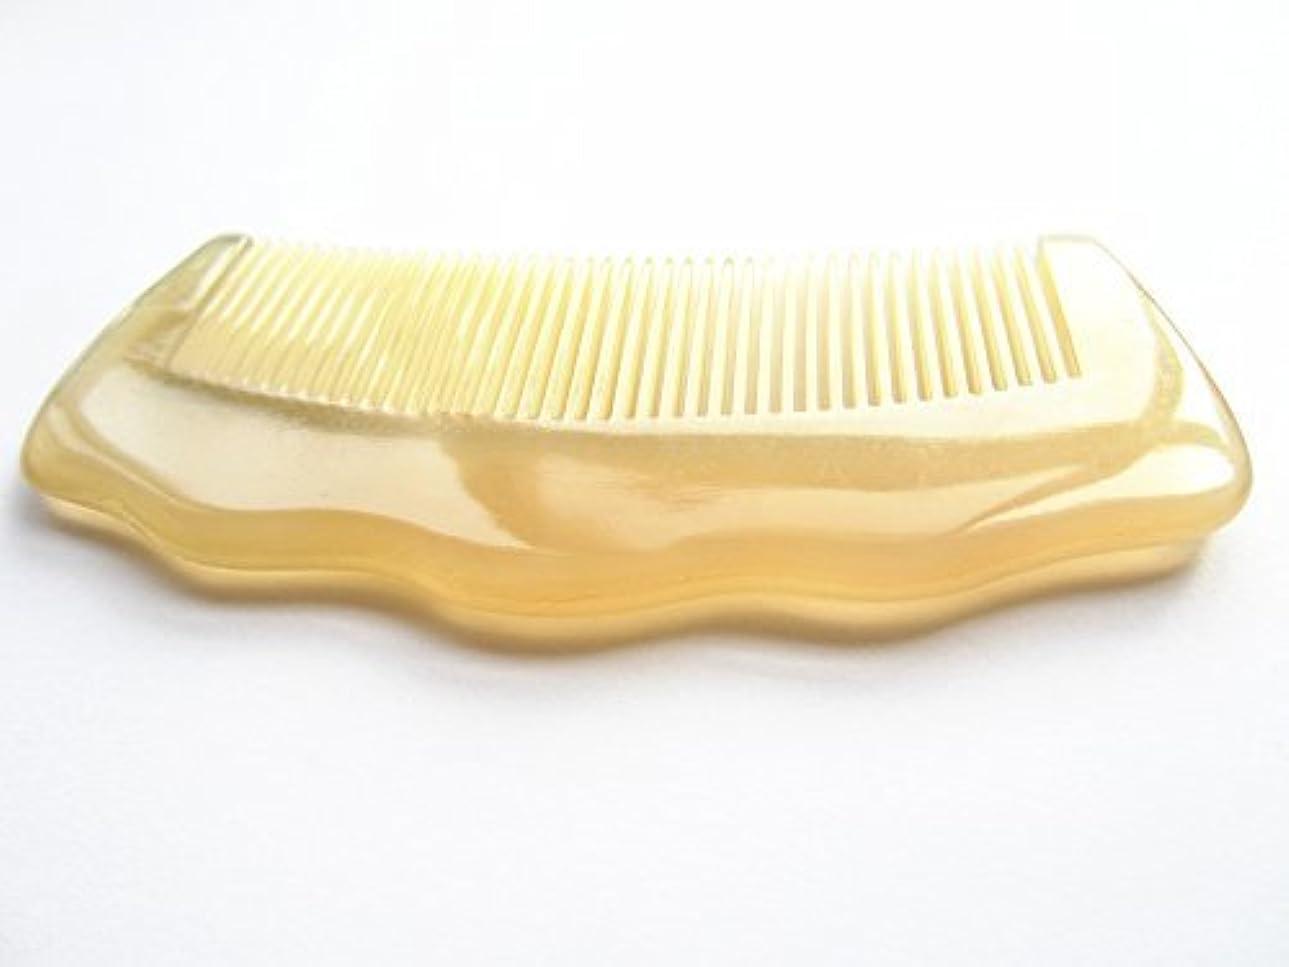 早いストローク下に向けますMyhsmooth Sh-byg-nt 100% Handmade Premium Quality Natural Sheep Horn Comb Without Handle(4.8''Long) [並行輸入品]